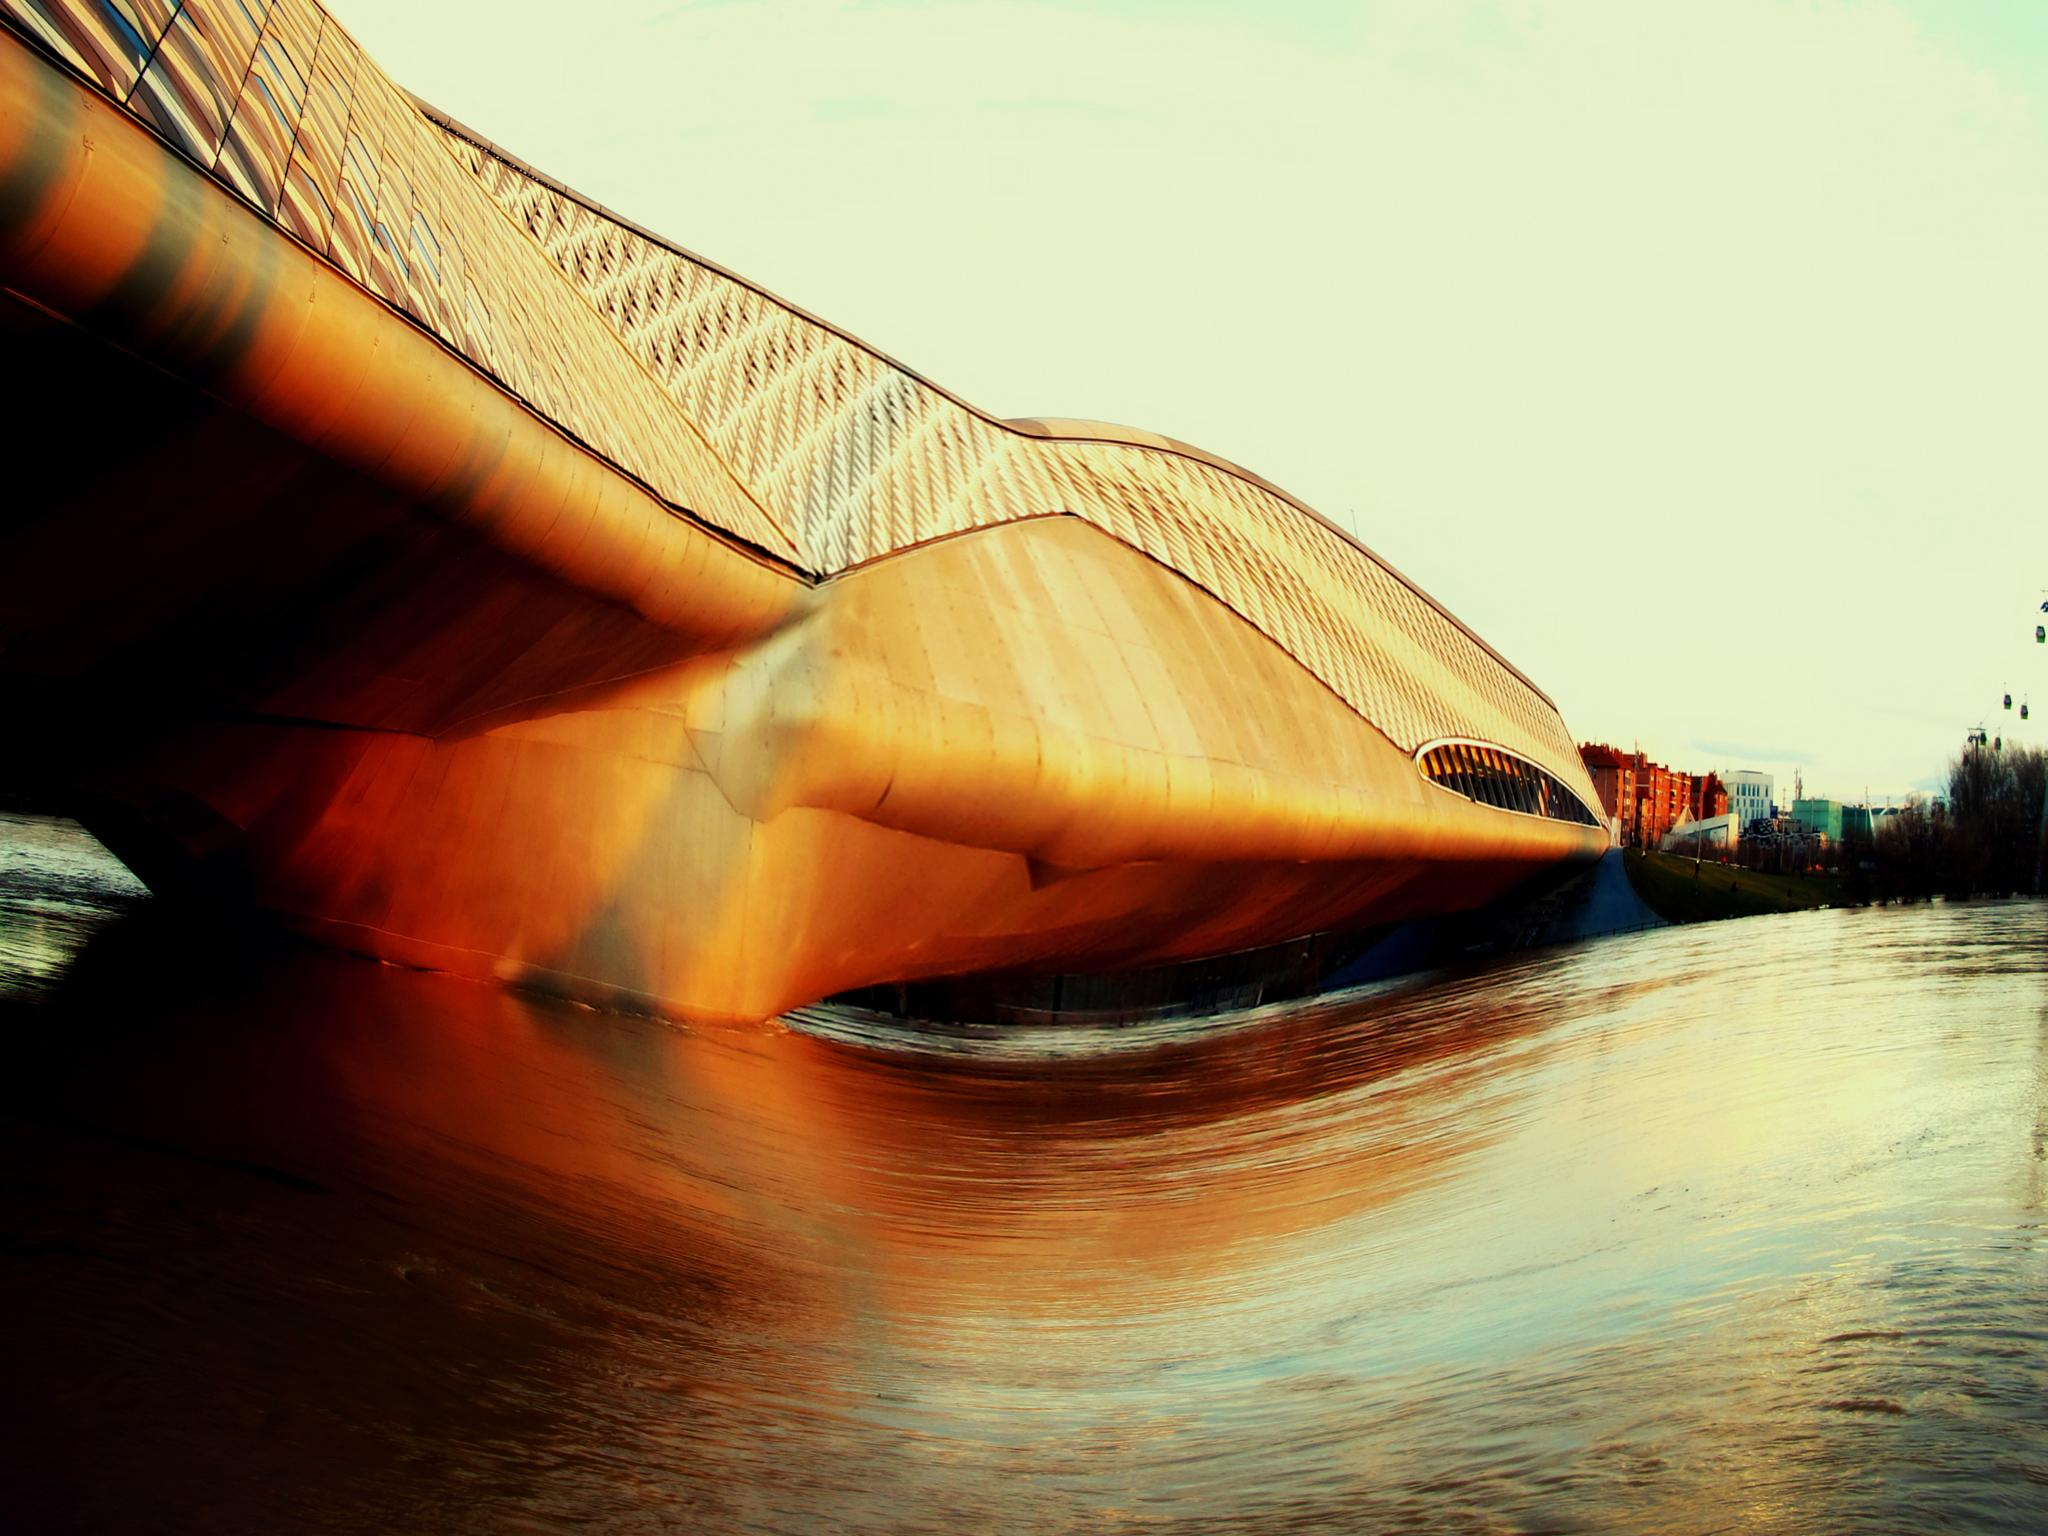 puentes de zaragoza by angelgarcia